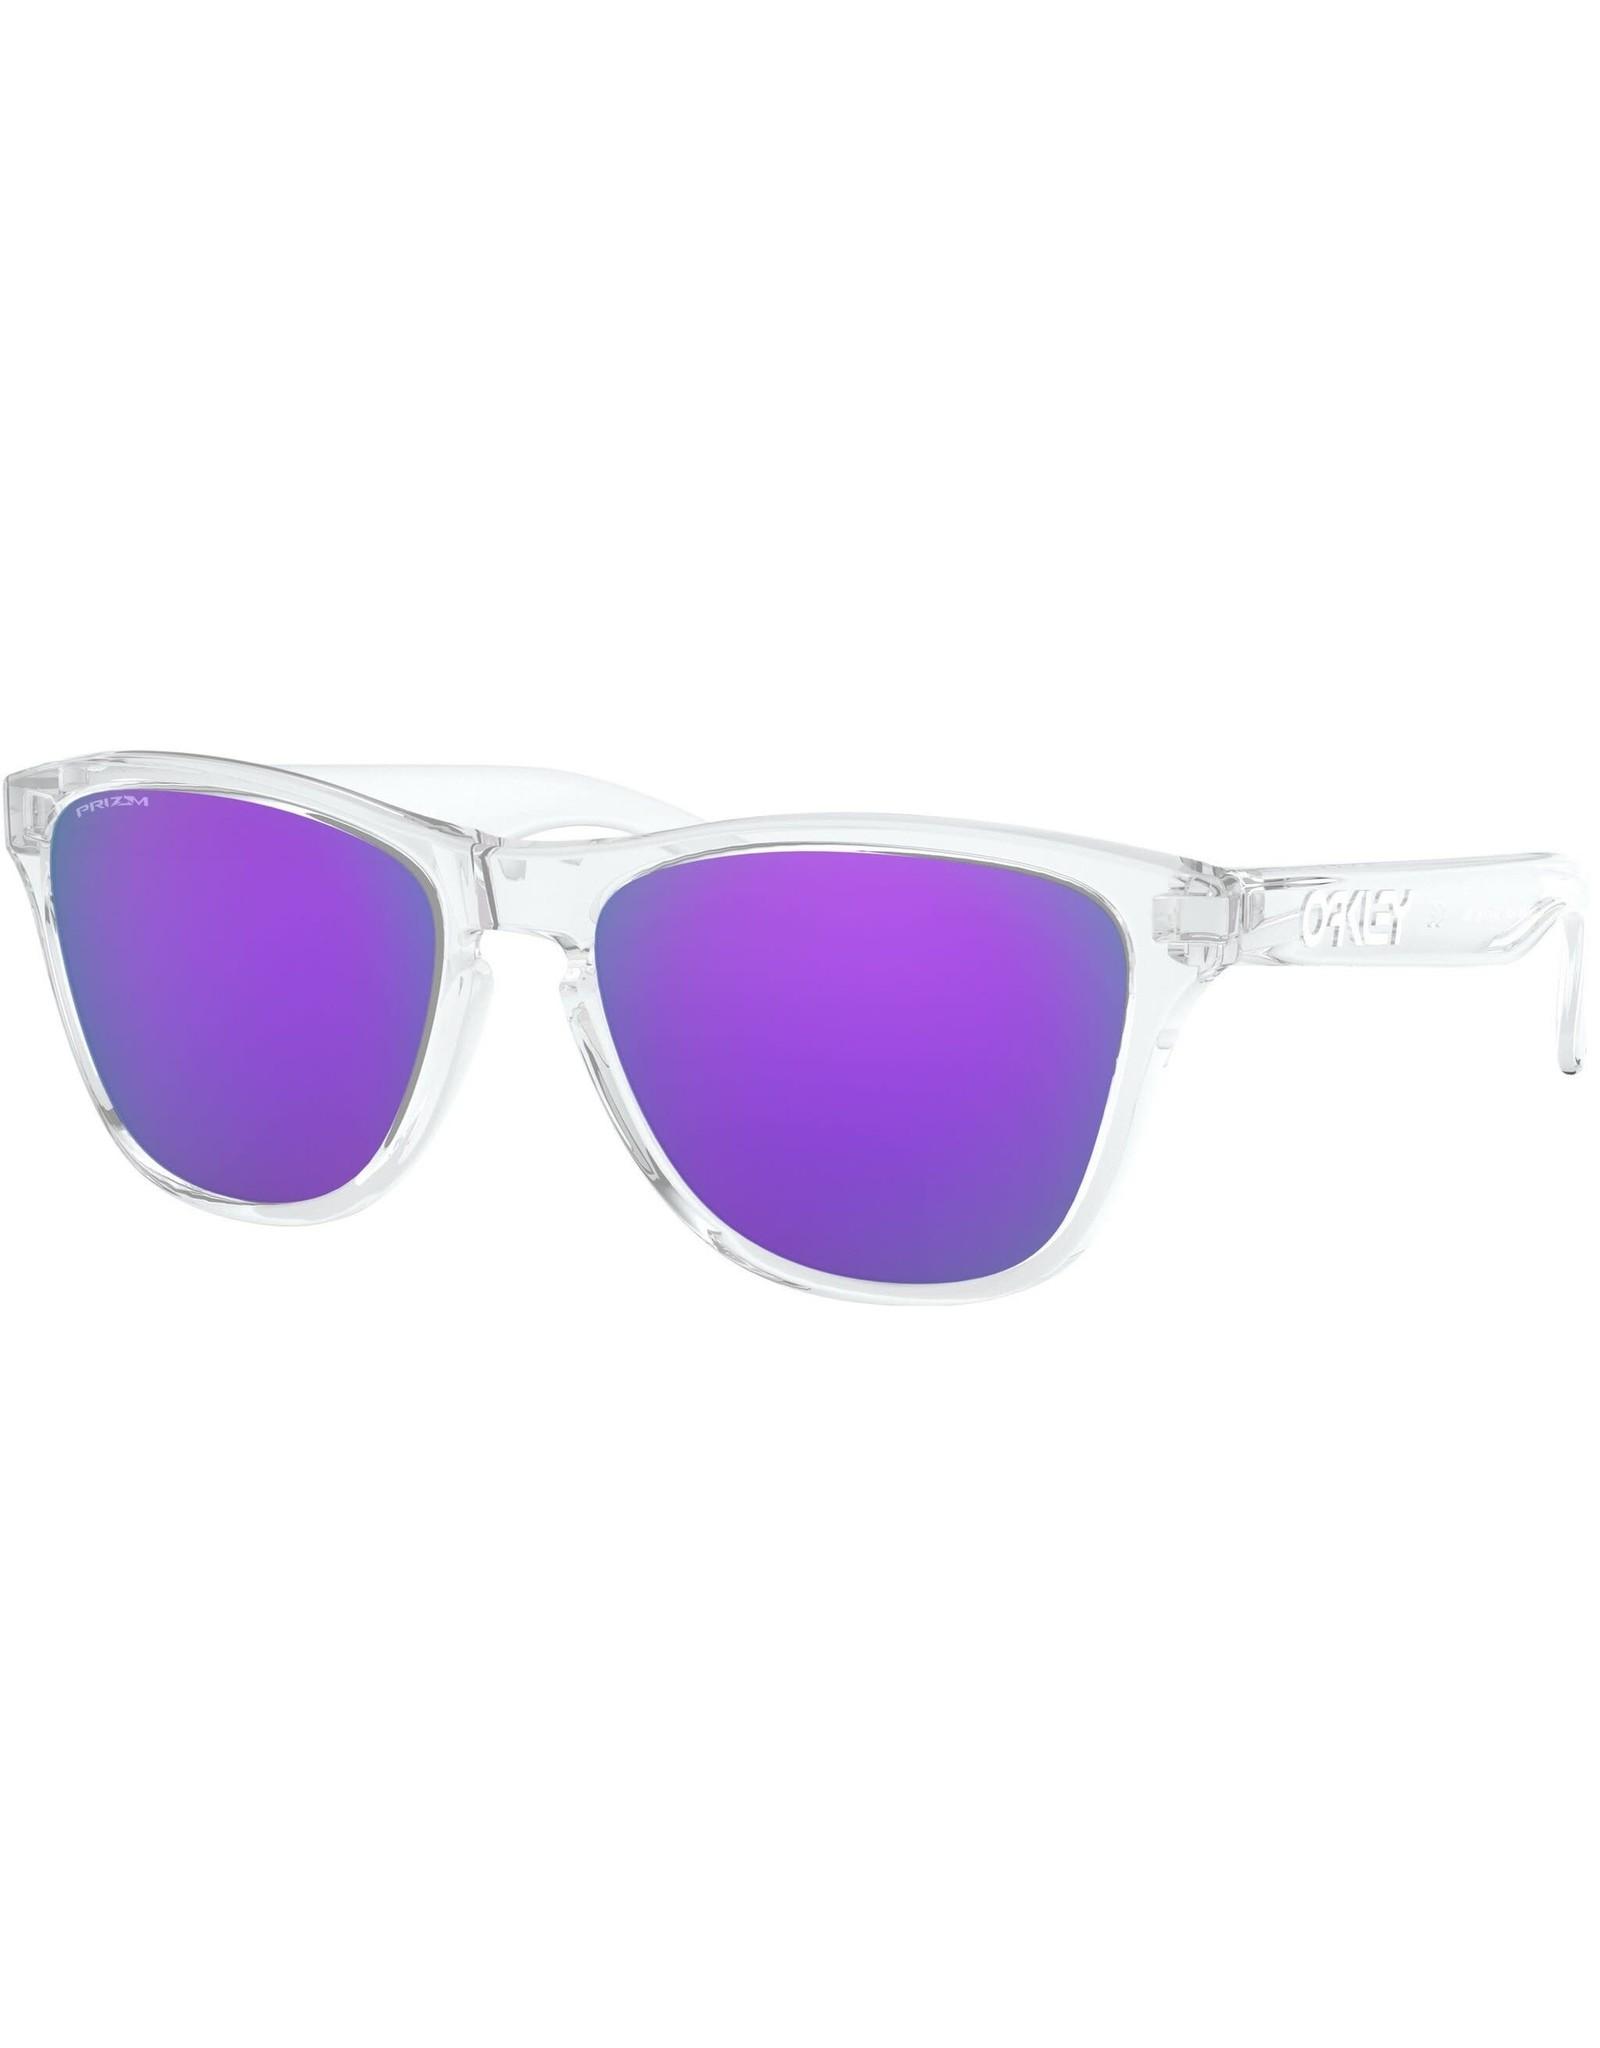 Oakley Oakley - Frogskins Pol Clear w/ PRIZM Violet